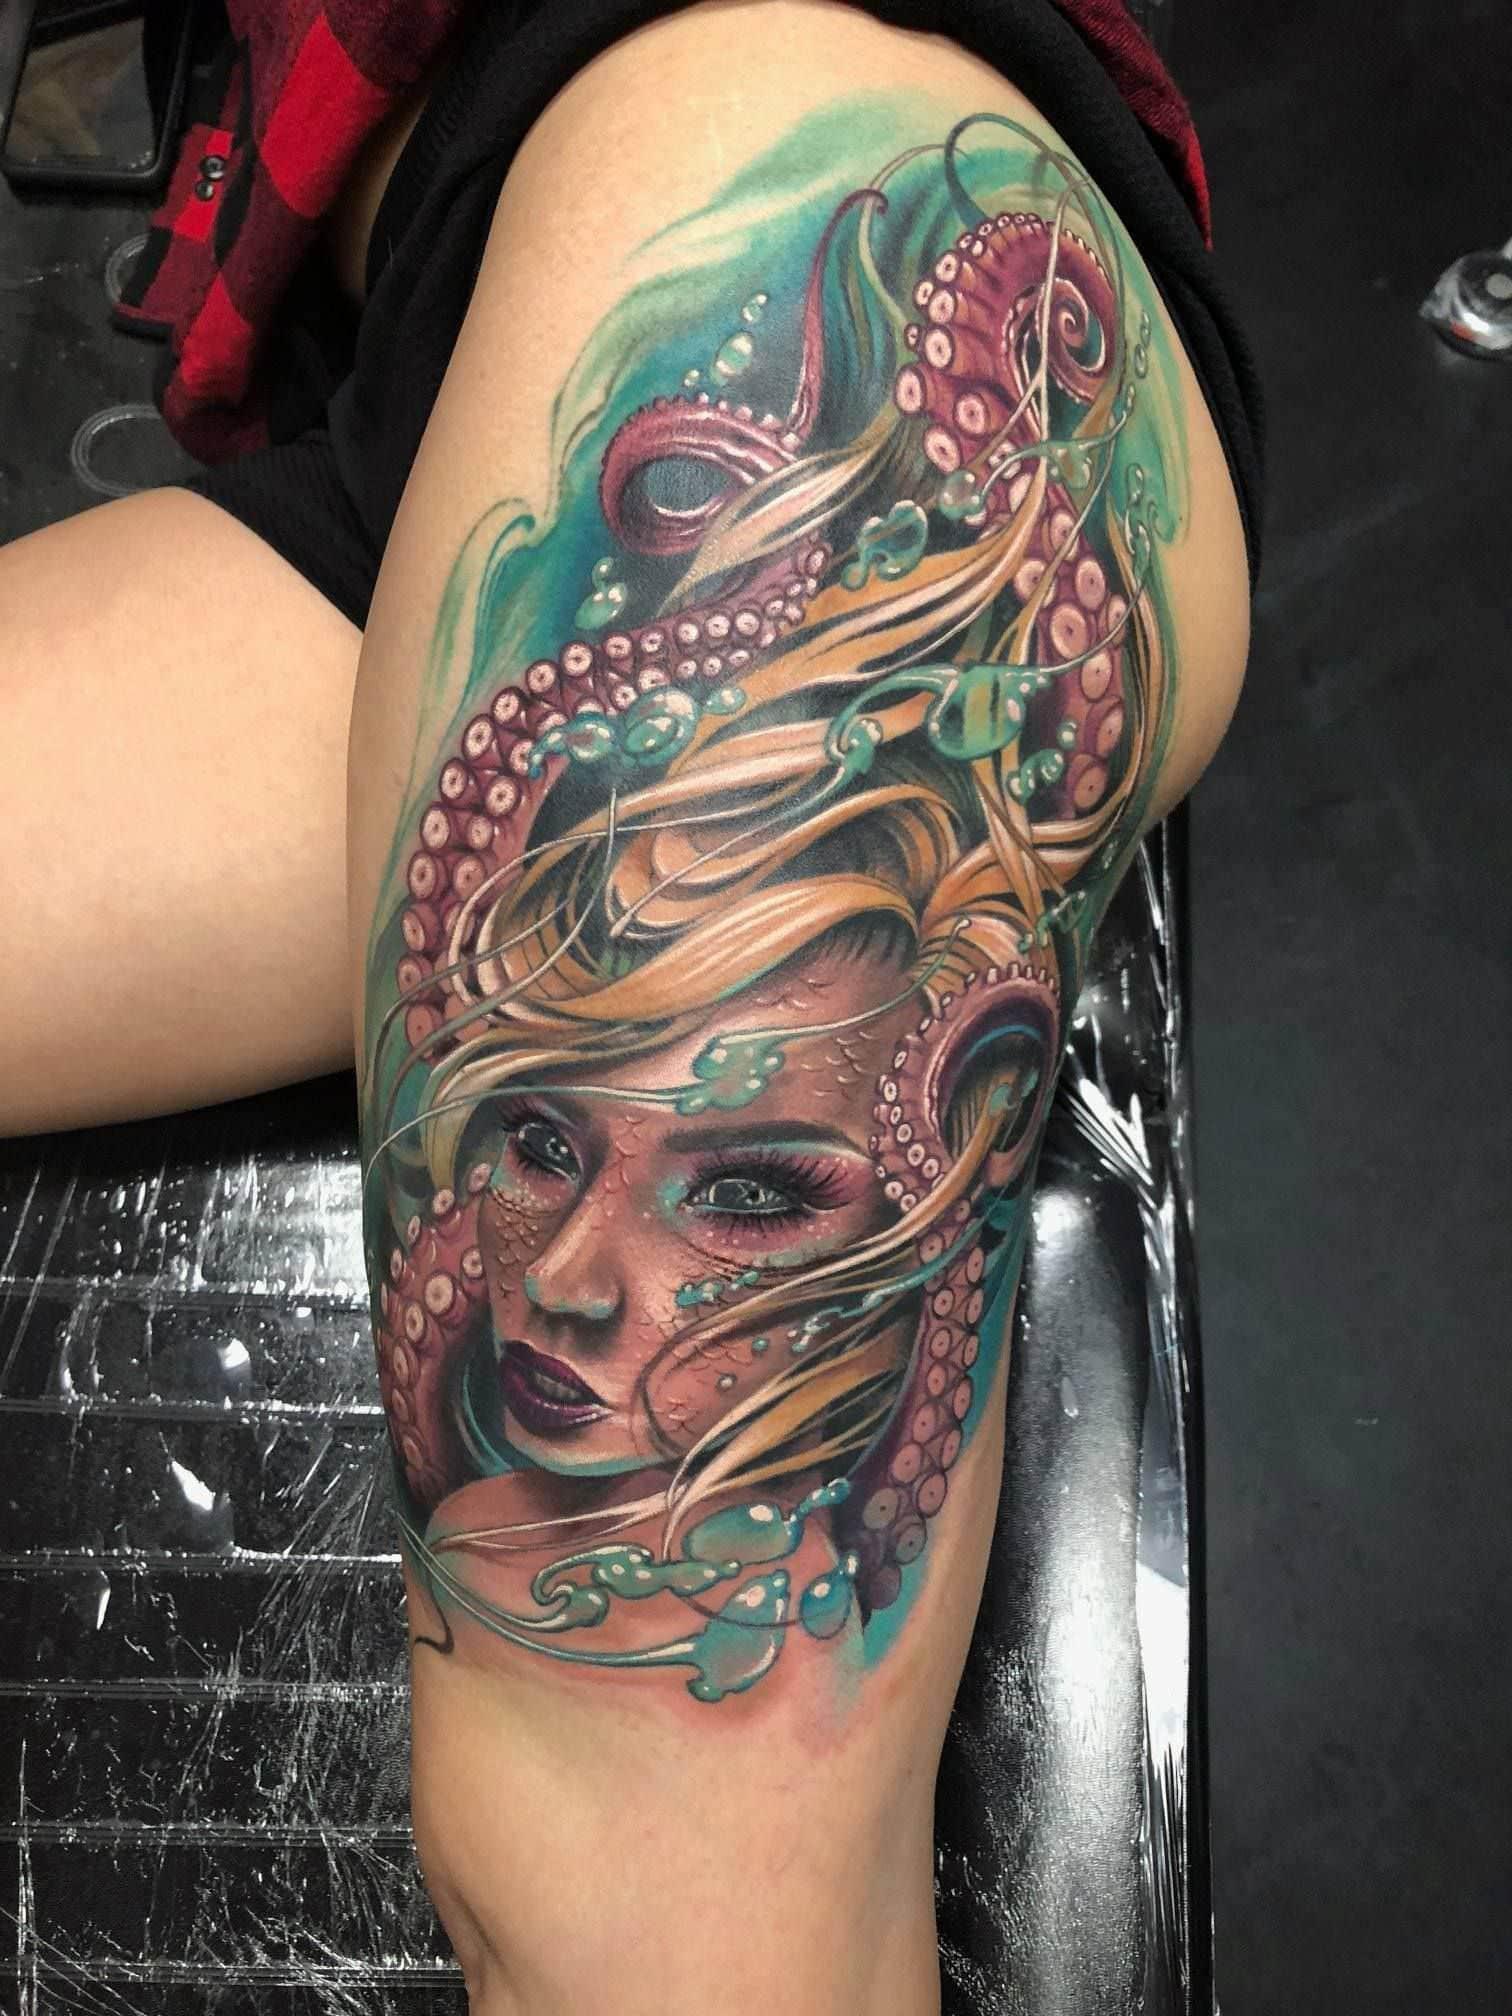 Mermaid Octopus Tattoo